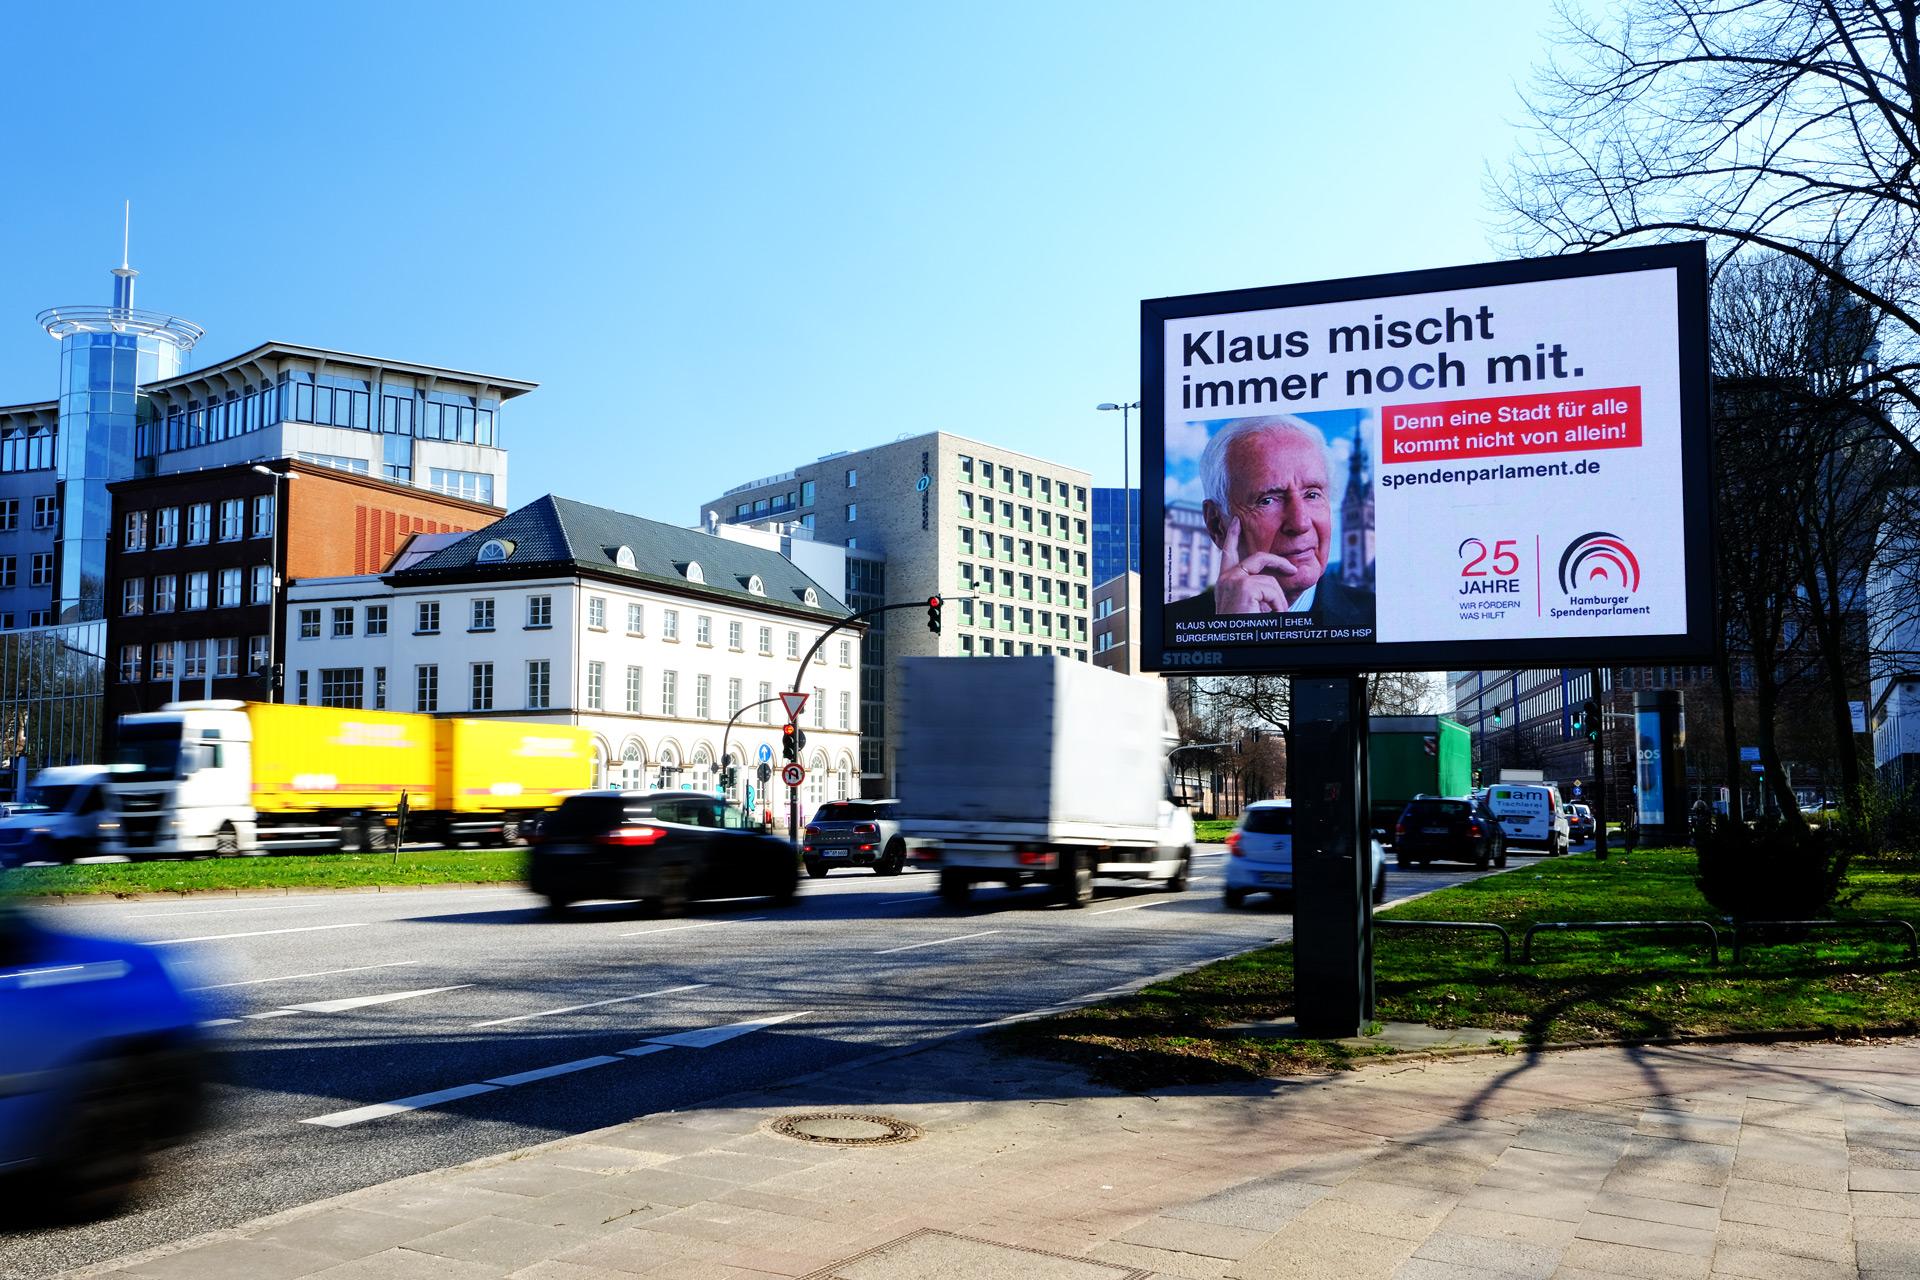 WERK4_Hamburger-Spendenparlament_Klaus